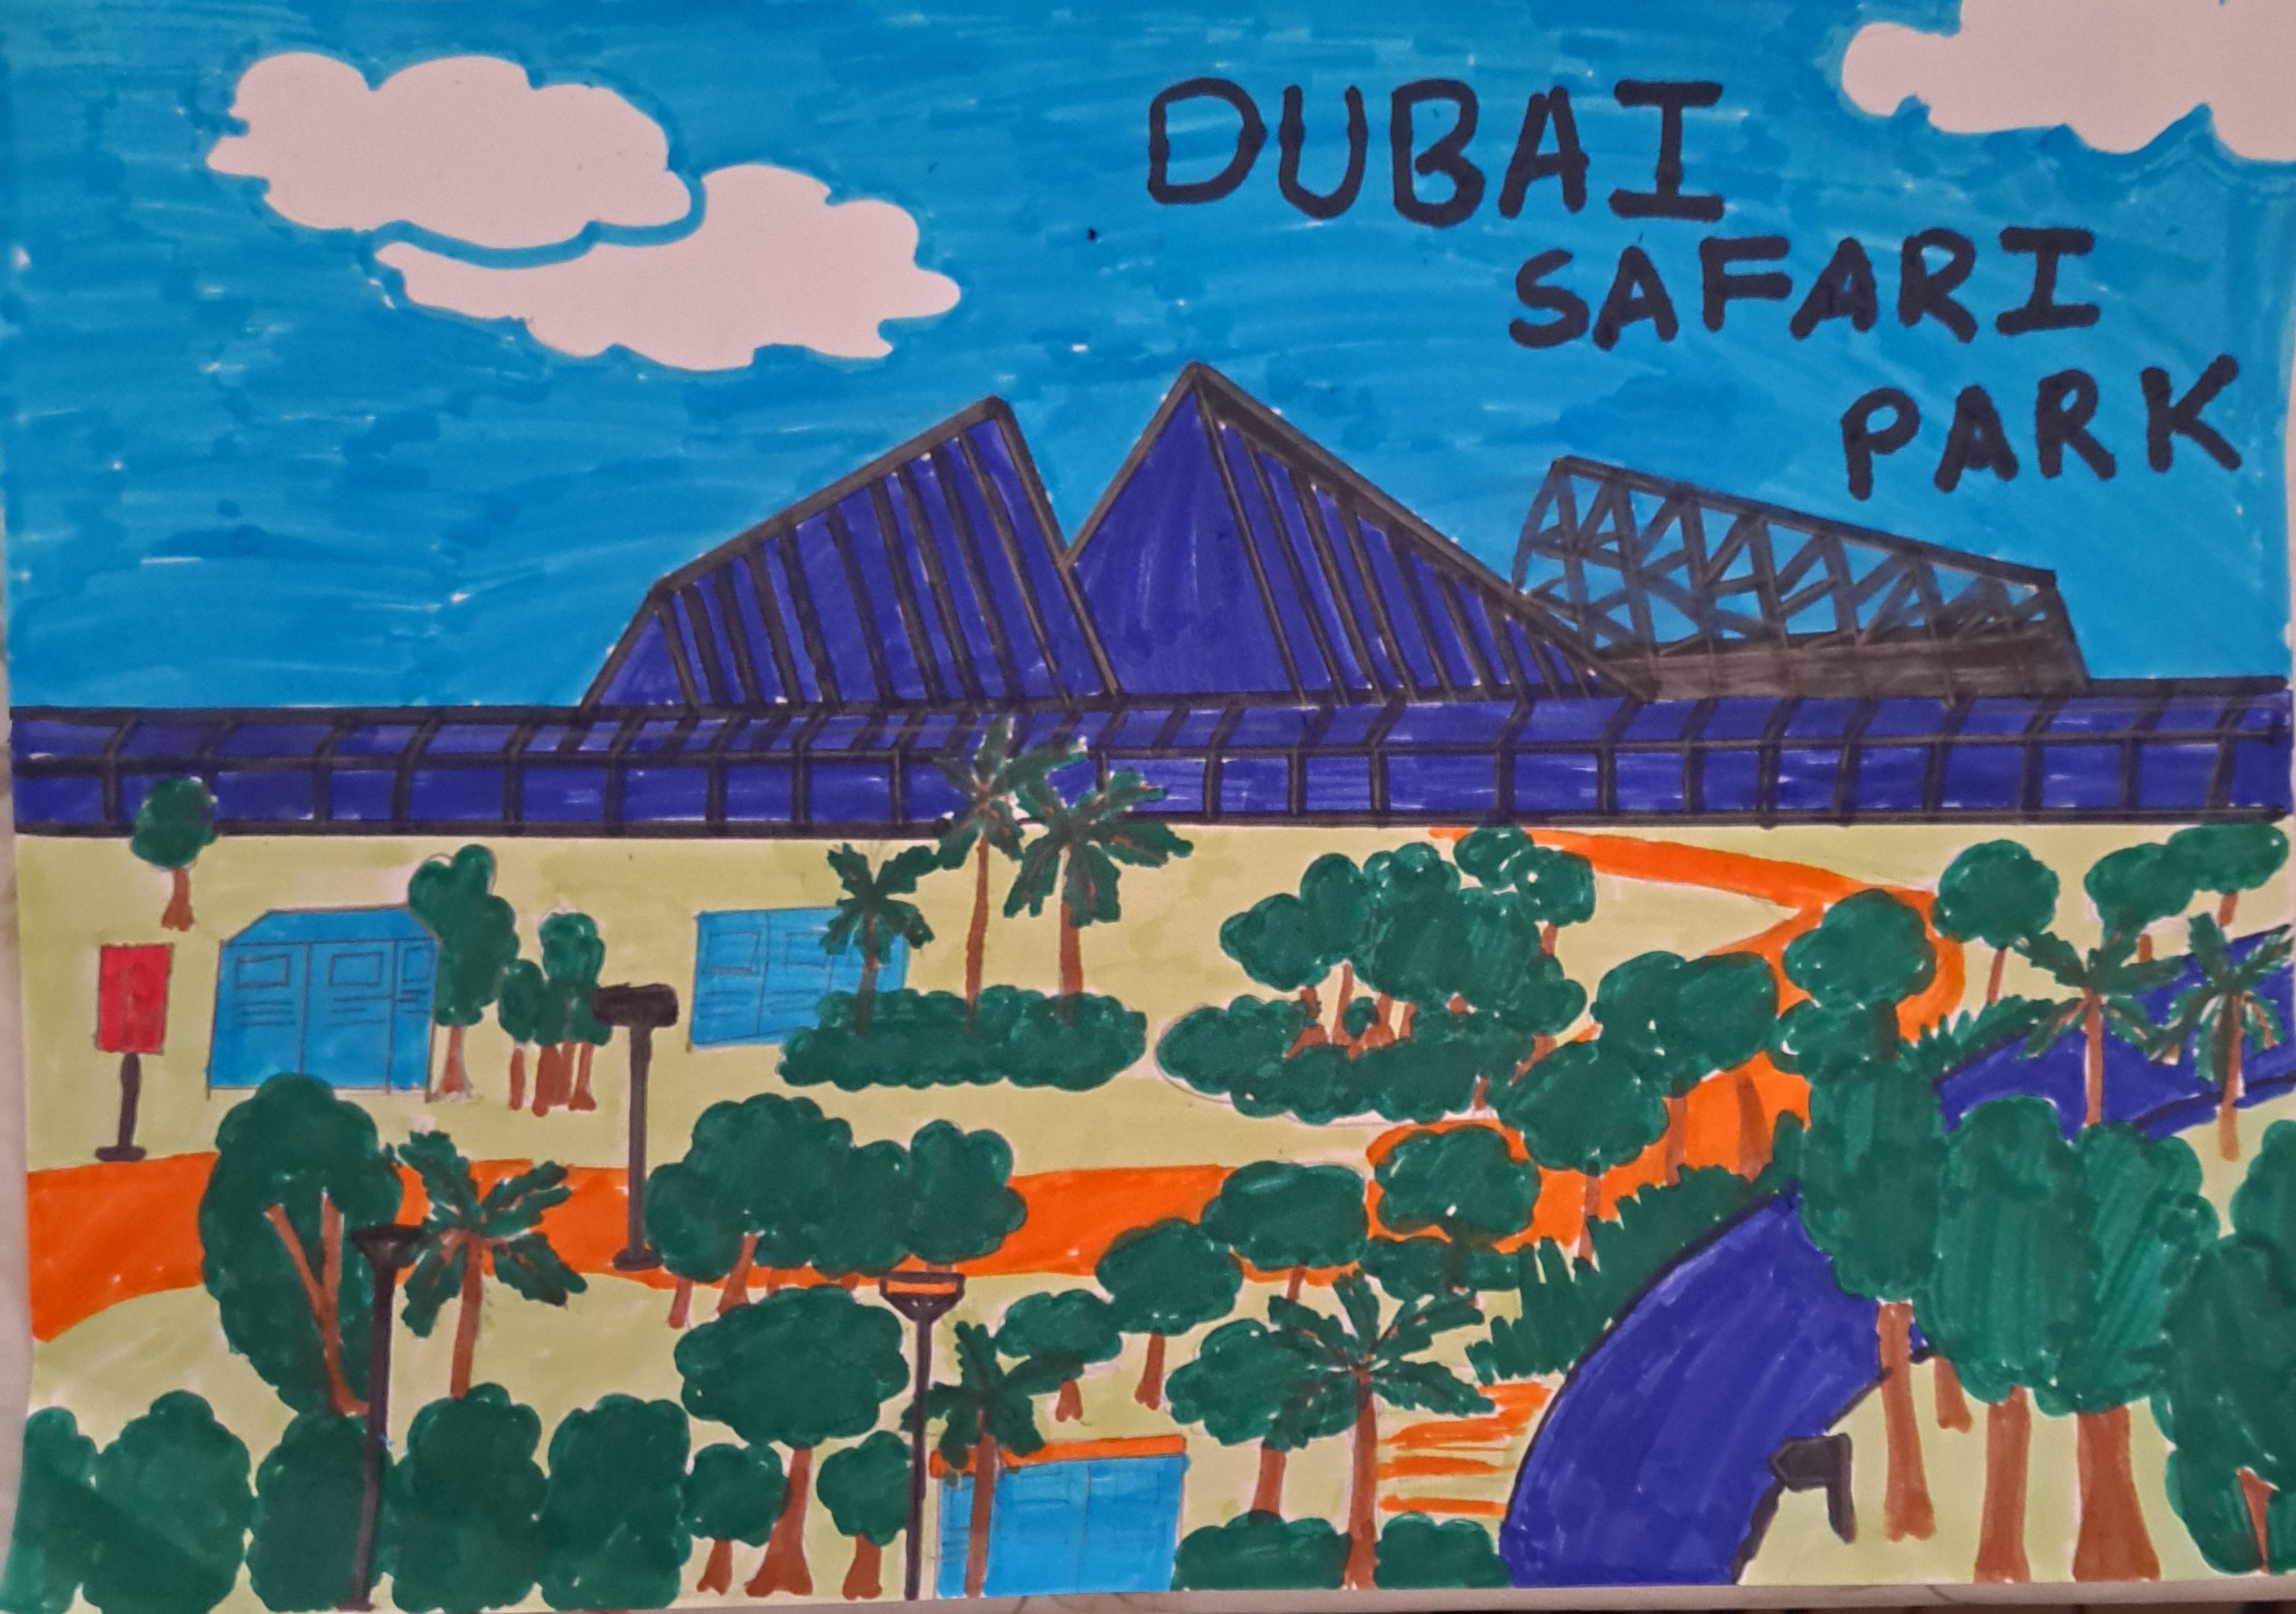 Dubai Safari Park by Eshikha Elsy Shaiju